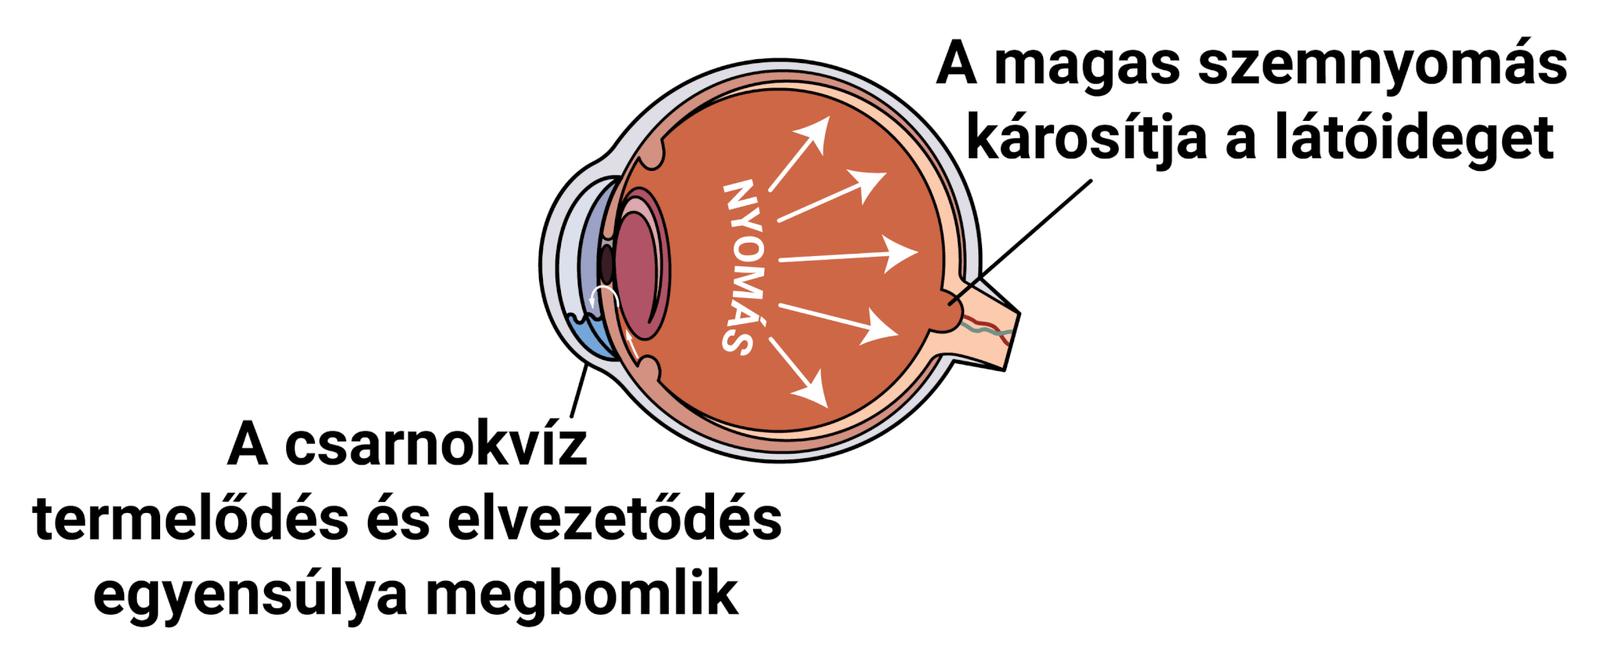 Éles látás egy életen át: lézeres szemműtéttel elérhető | Magyar Nemzet